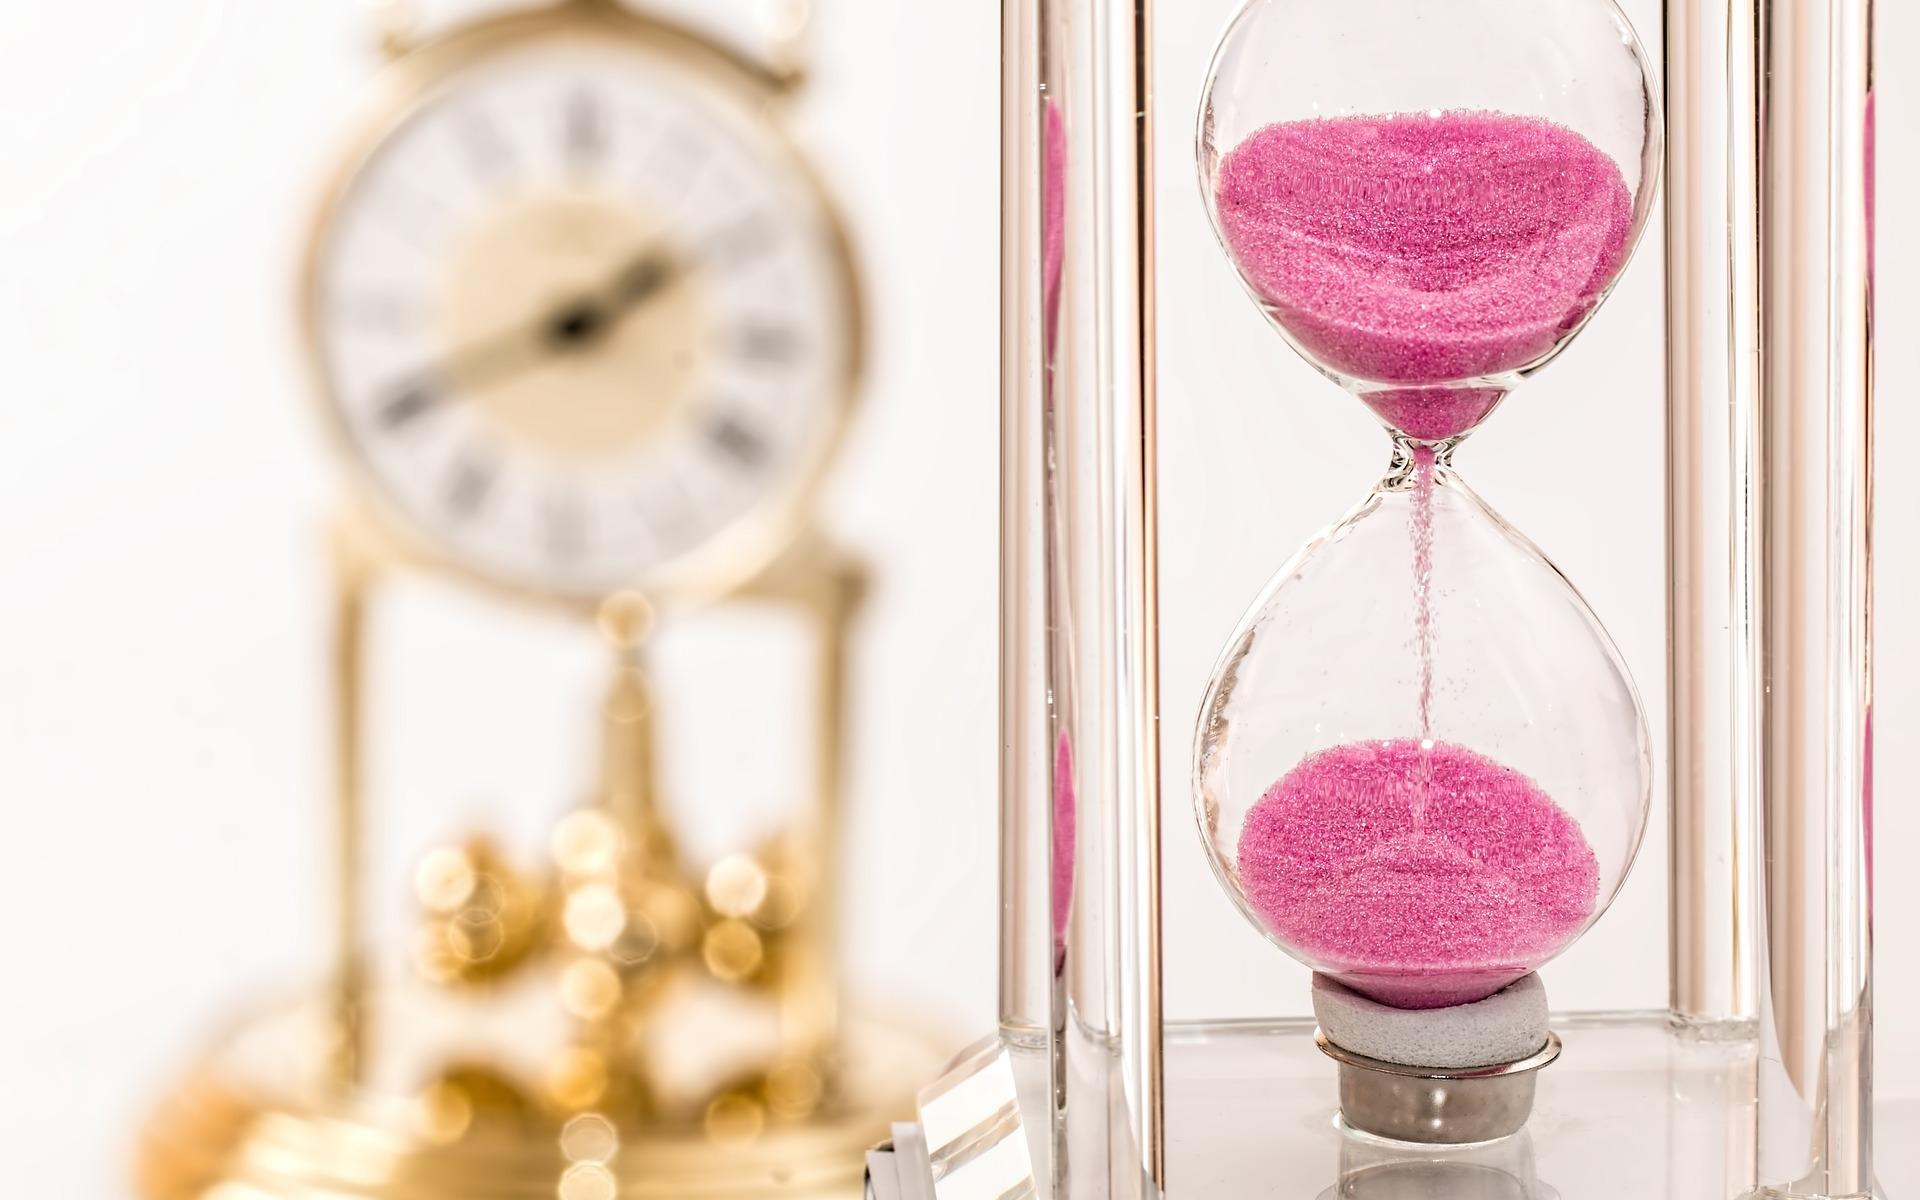 Image credit: https://pixabay.com/en/hourglass-clock-time-deadline-hour-1703330/